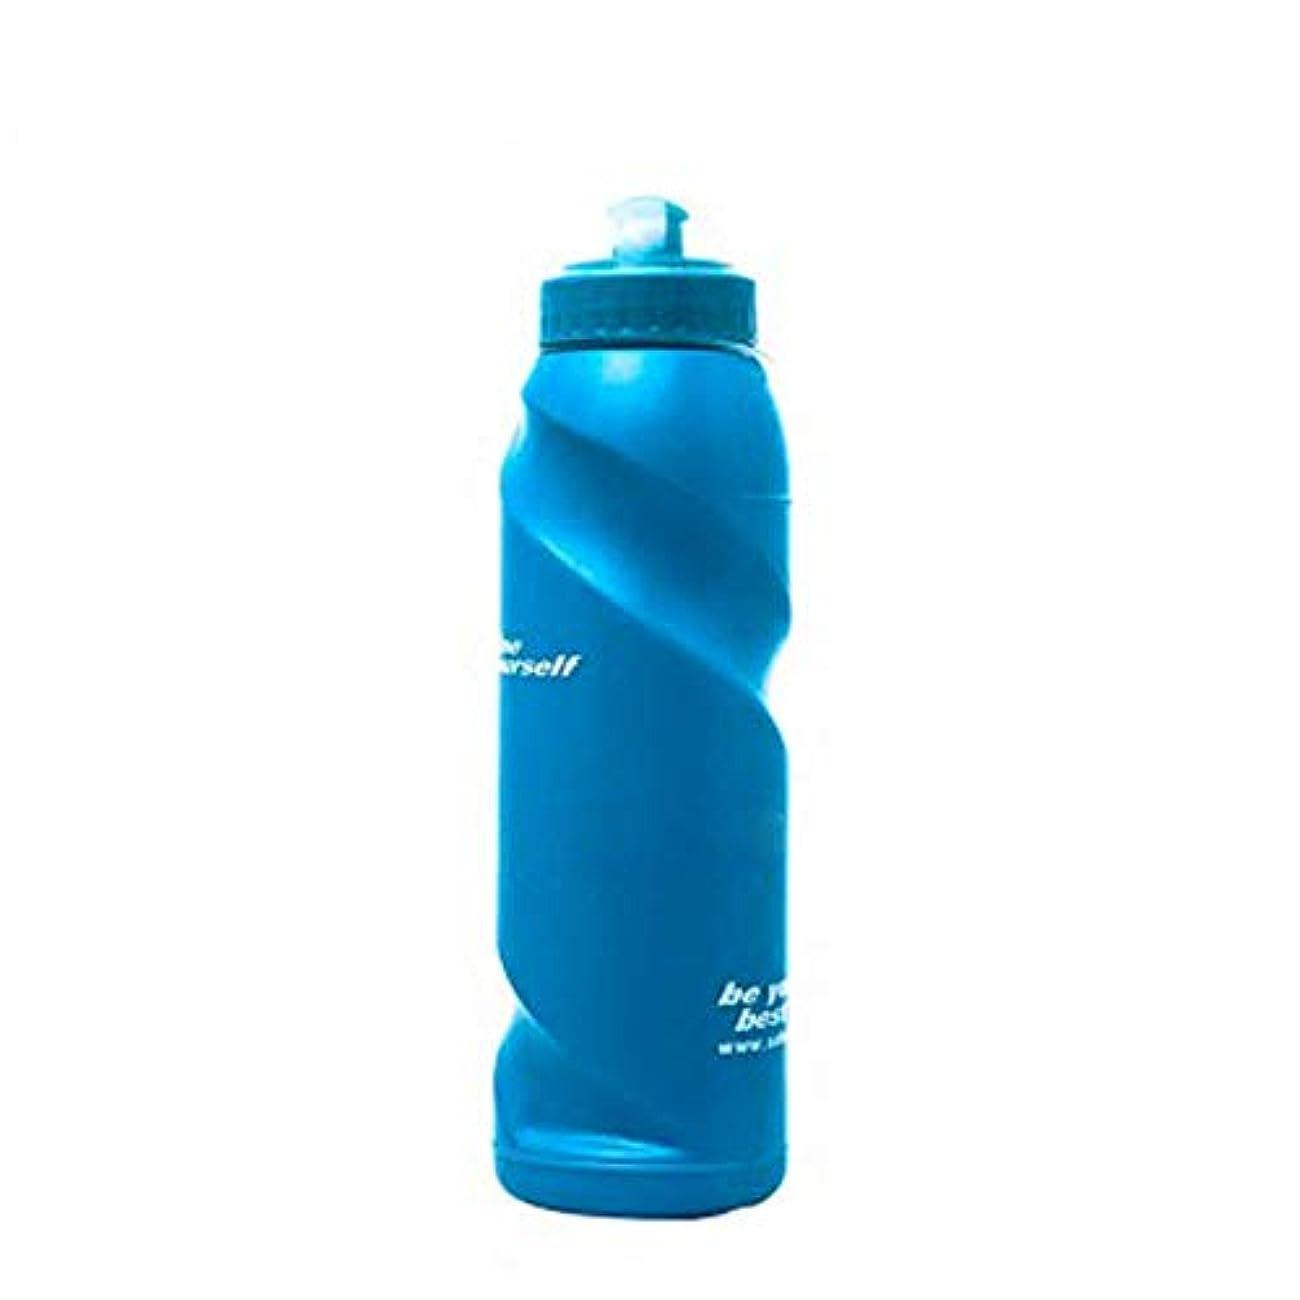 風変わりな裁定正義attachmenttouスクイズウォーターボトルポータブル出張ウォーターカップ飲料ボトル大容量700ミリリットルブルー